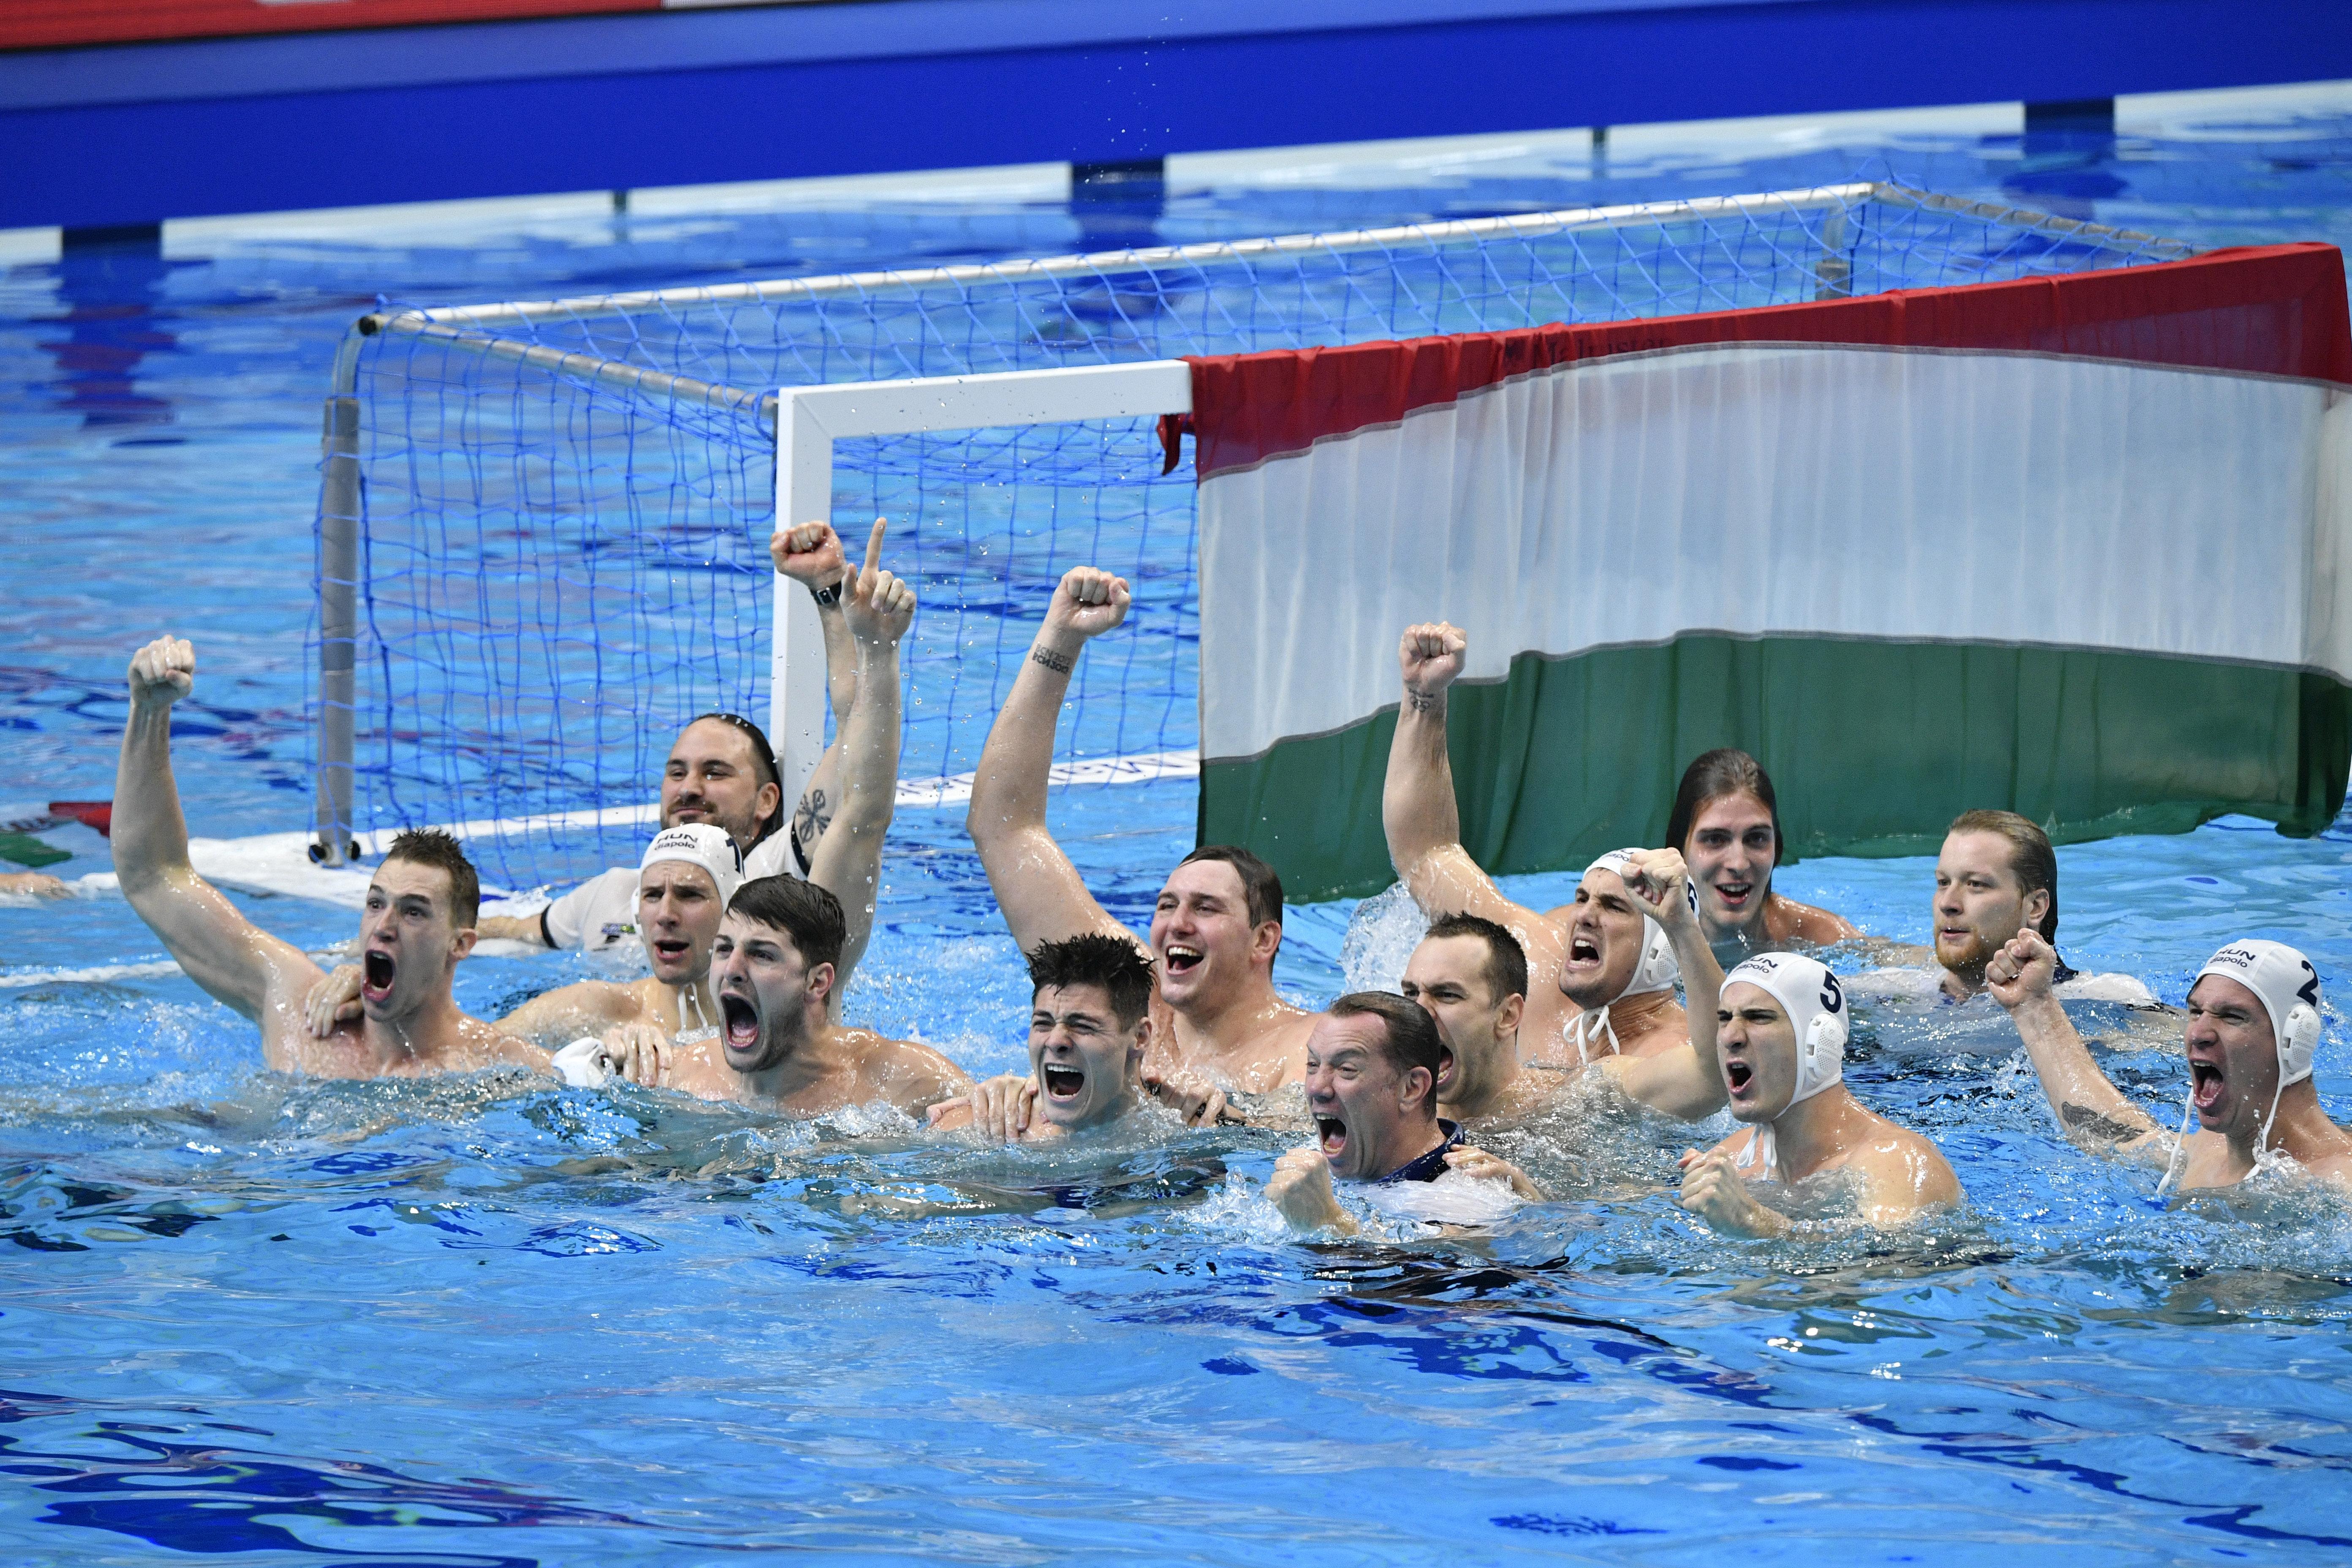 21 év után újra Európa-bajnok a magyar vízilabda-válogatott